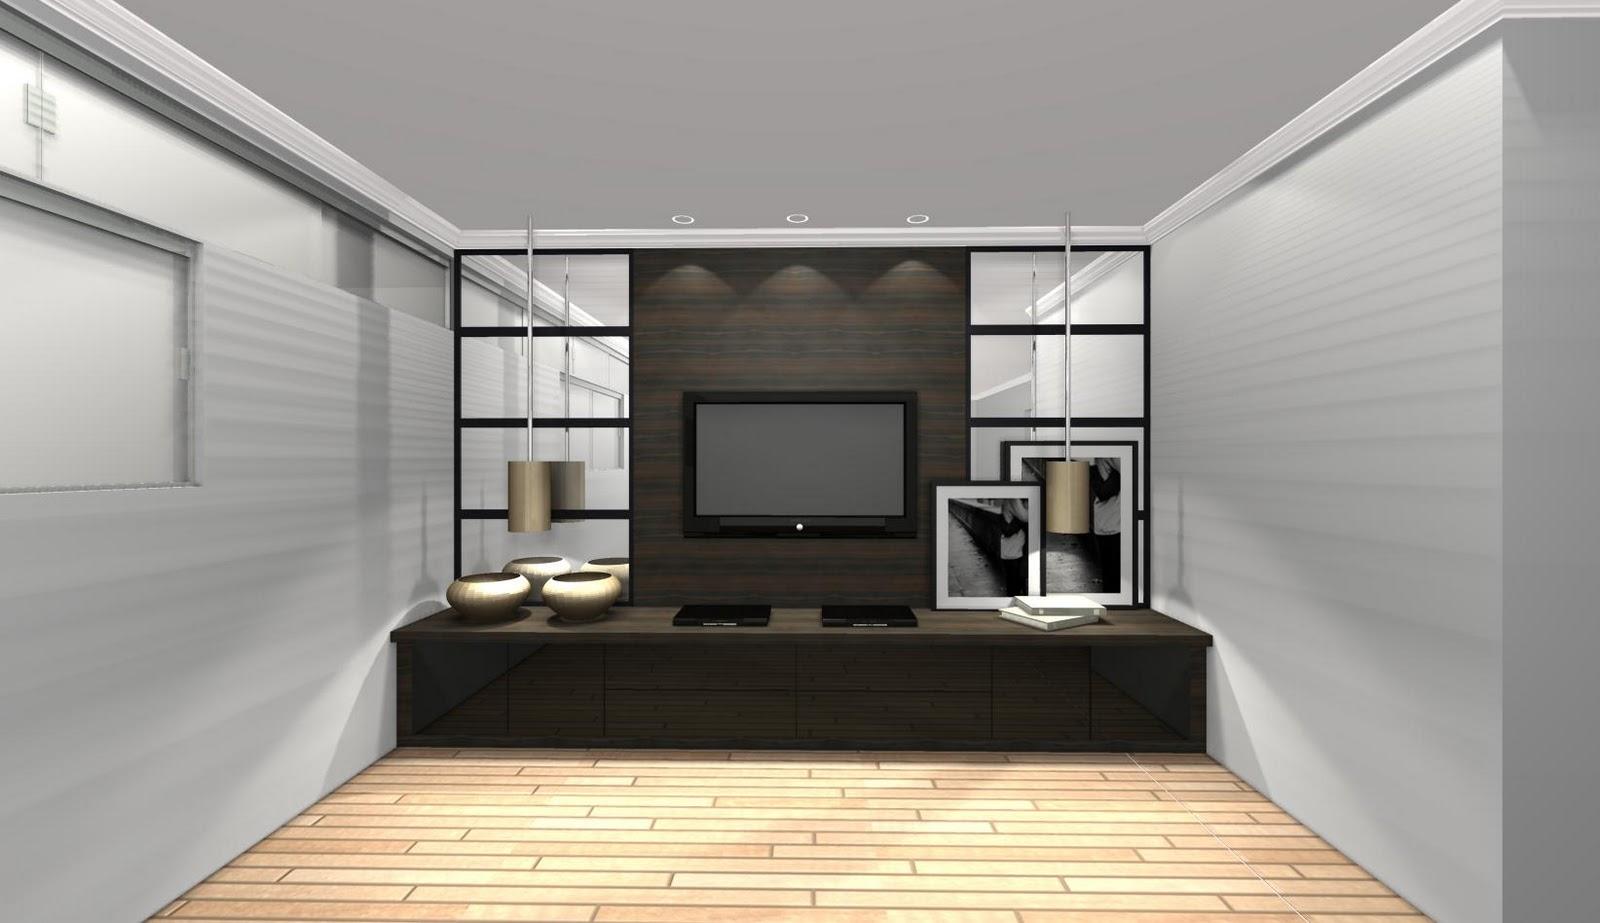 Projeto Cozinha 4 Projeto Home Car Interior Design #886843 1600 923